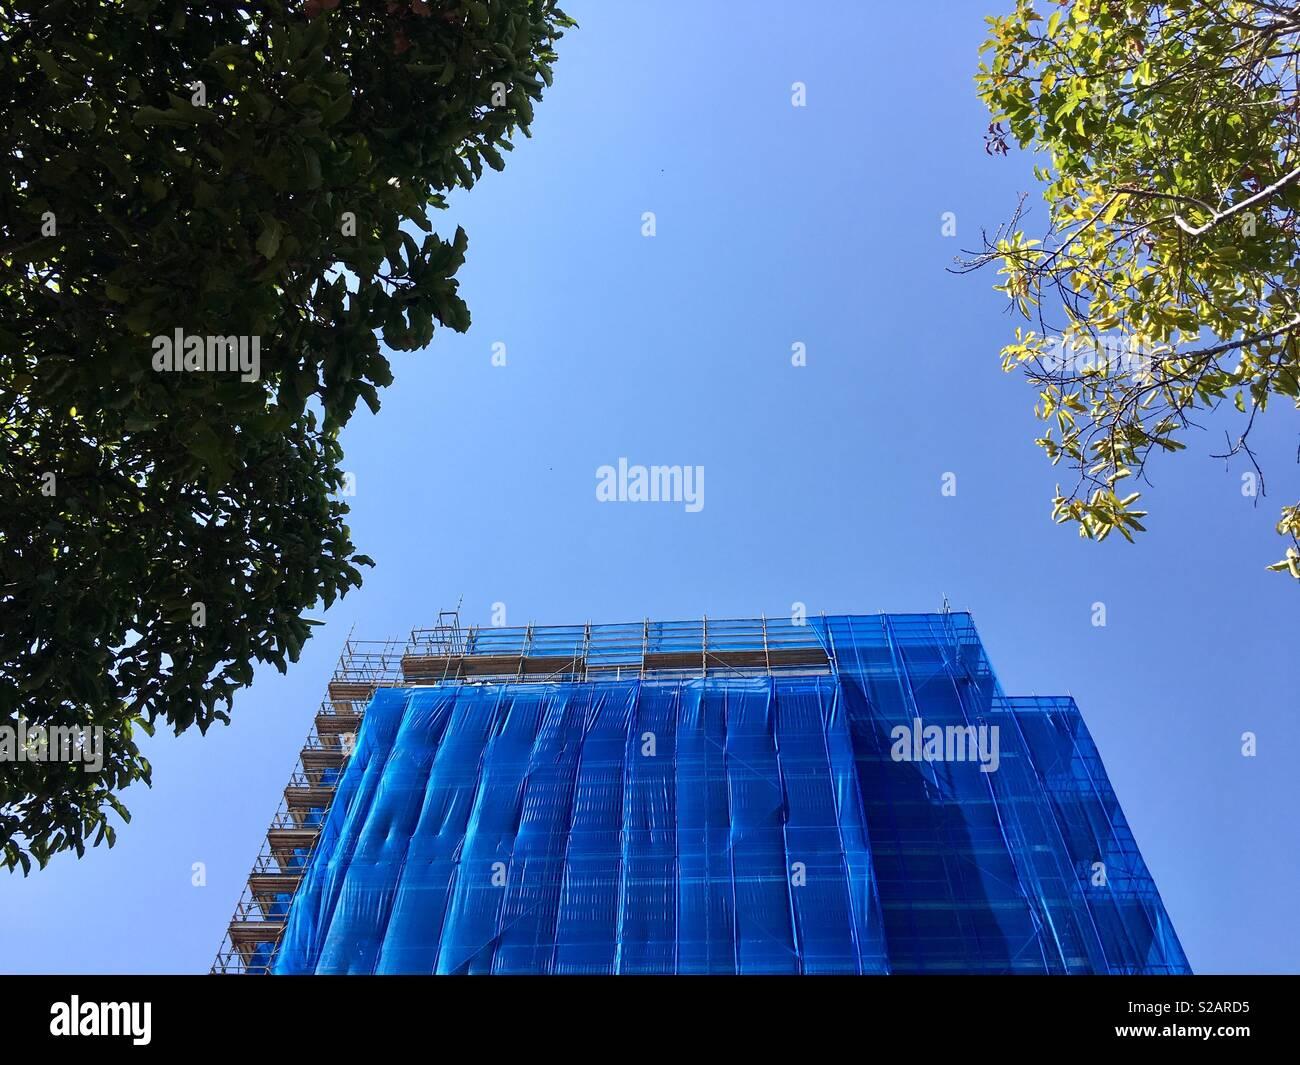 Edificio coperto in blu ponteggio contro un cielo blu visibile tra due alberi. Immagini Stock